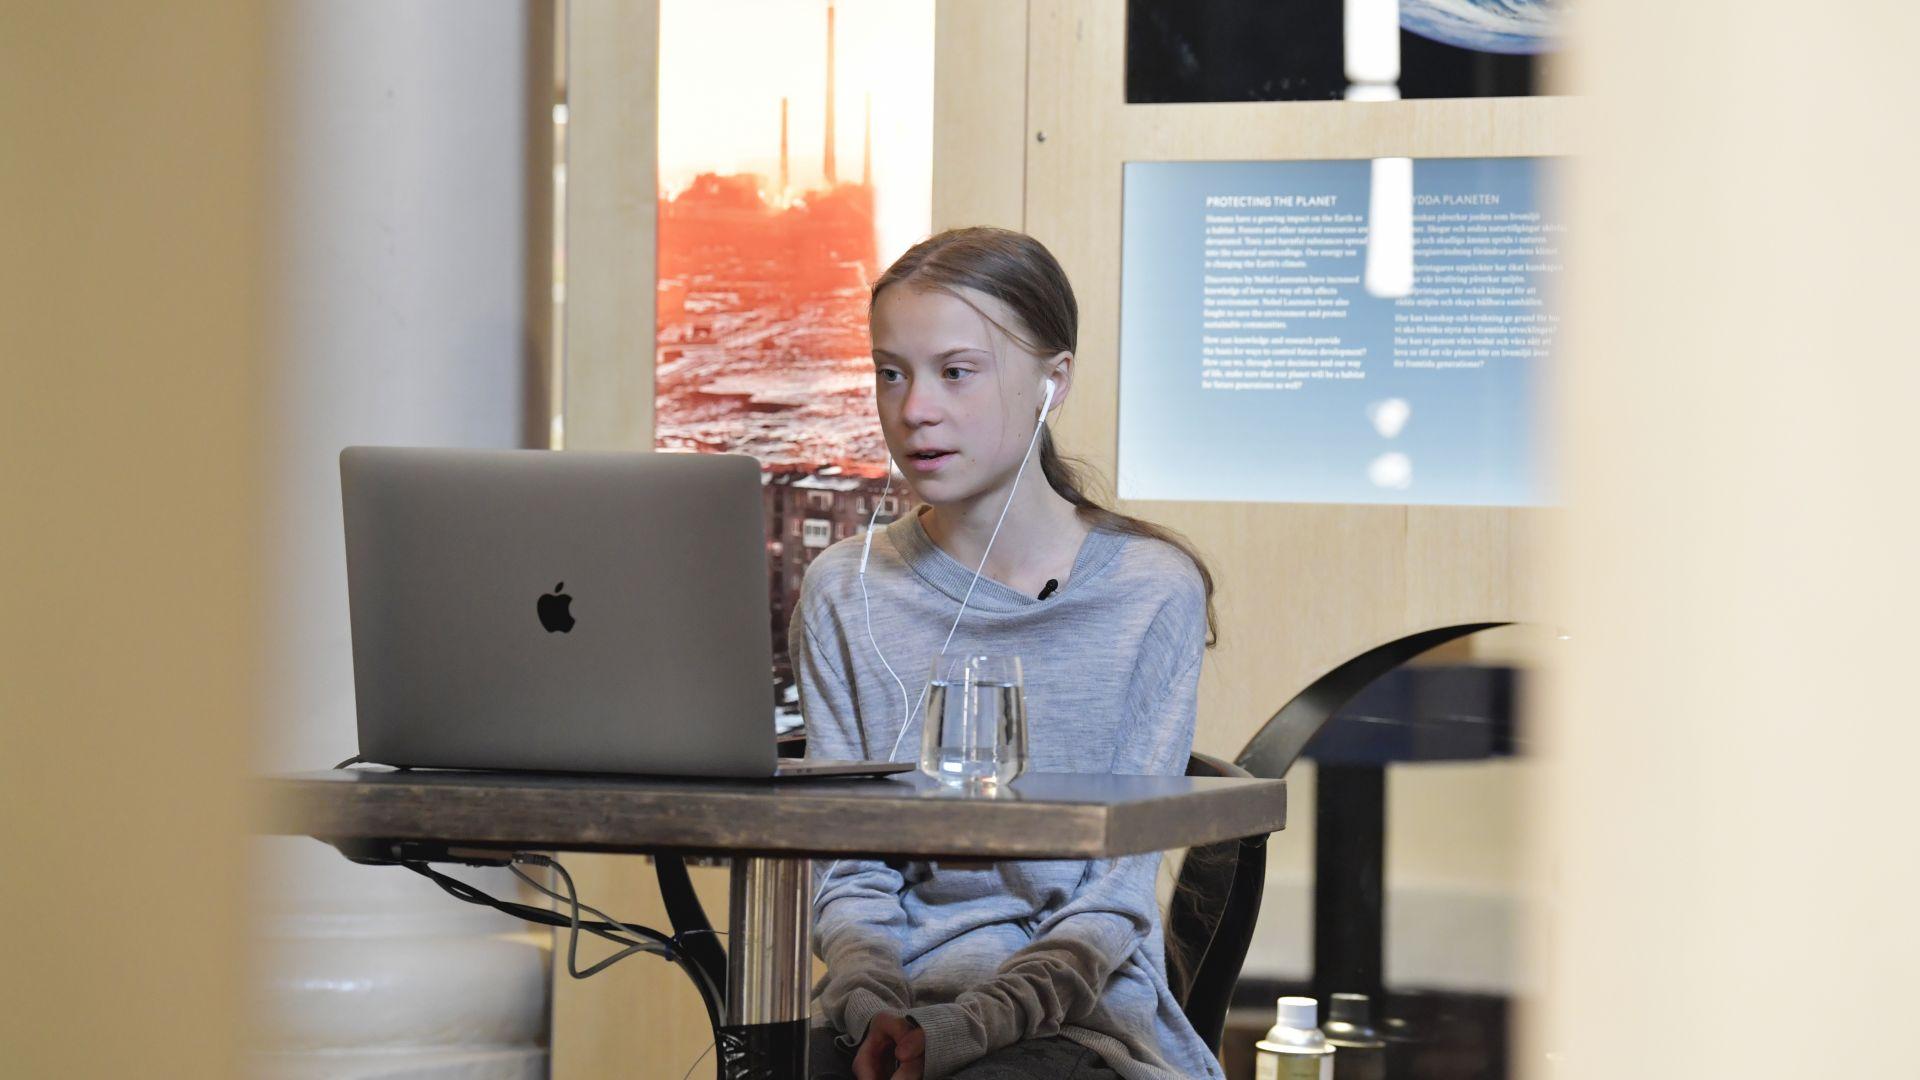 Грета Тунберг започва борба и срещу пандемията, дарява наградата си от 100 000 долара